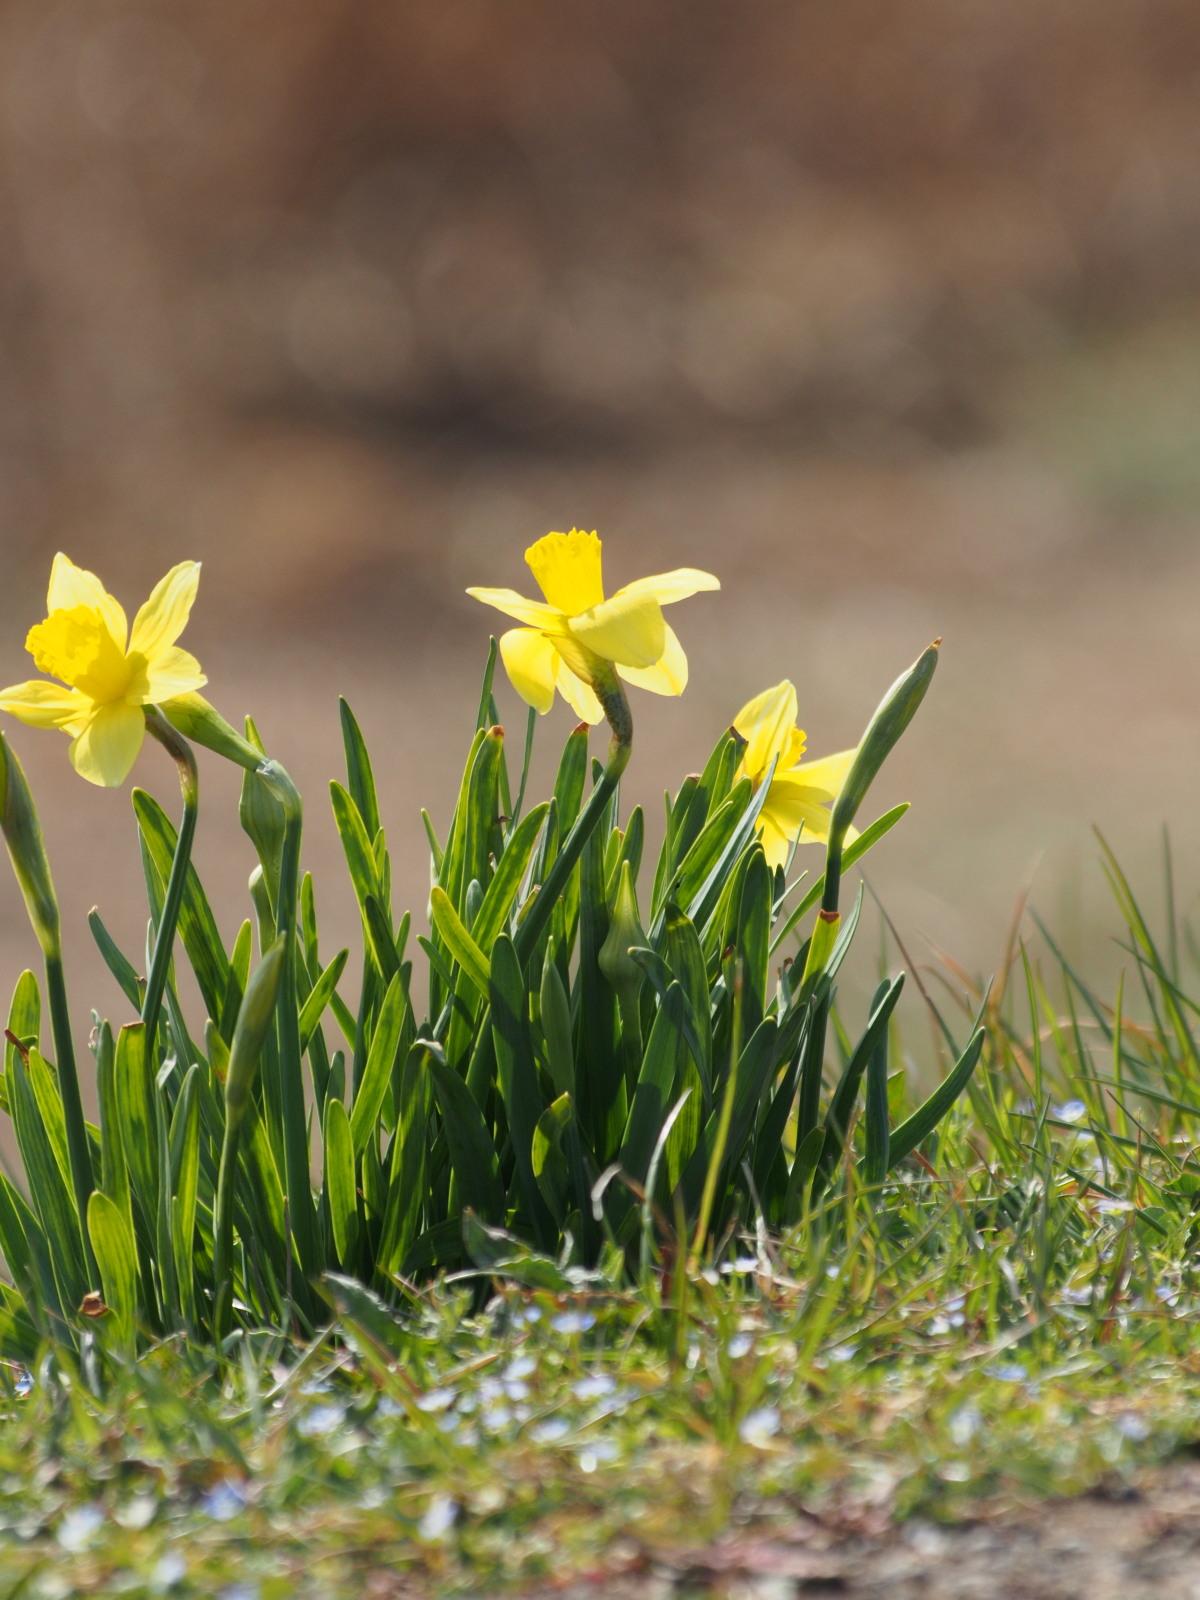 2014年3月17日 カワラヒワ/河原鶸/Oriental Greenfinch_f0108797_16142454.jpg